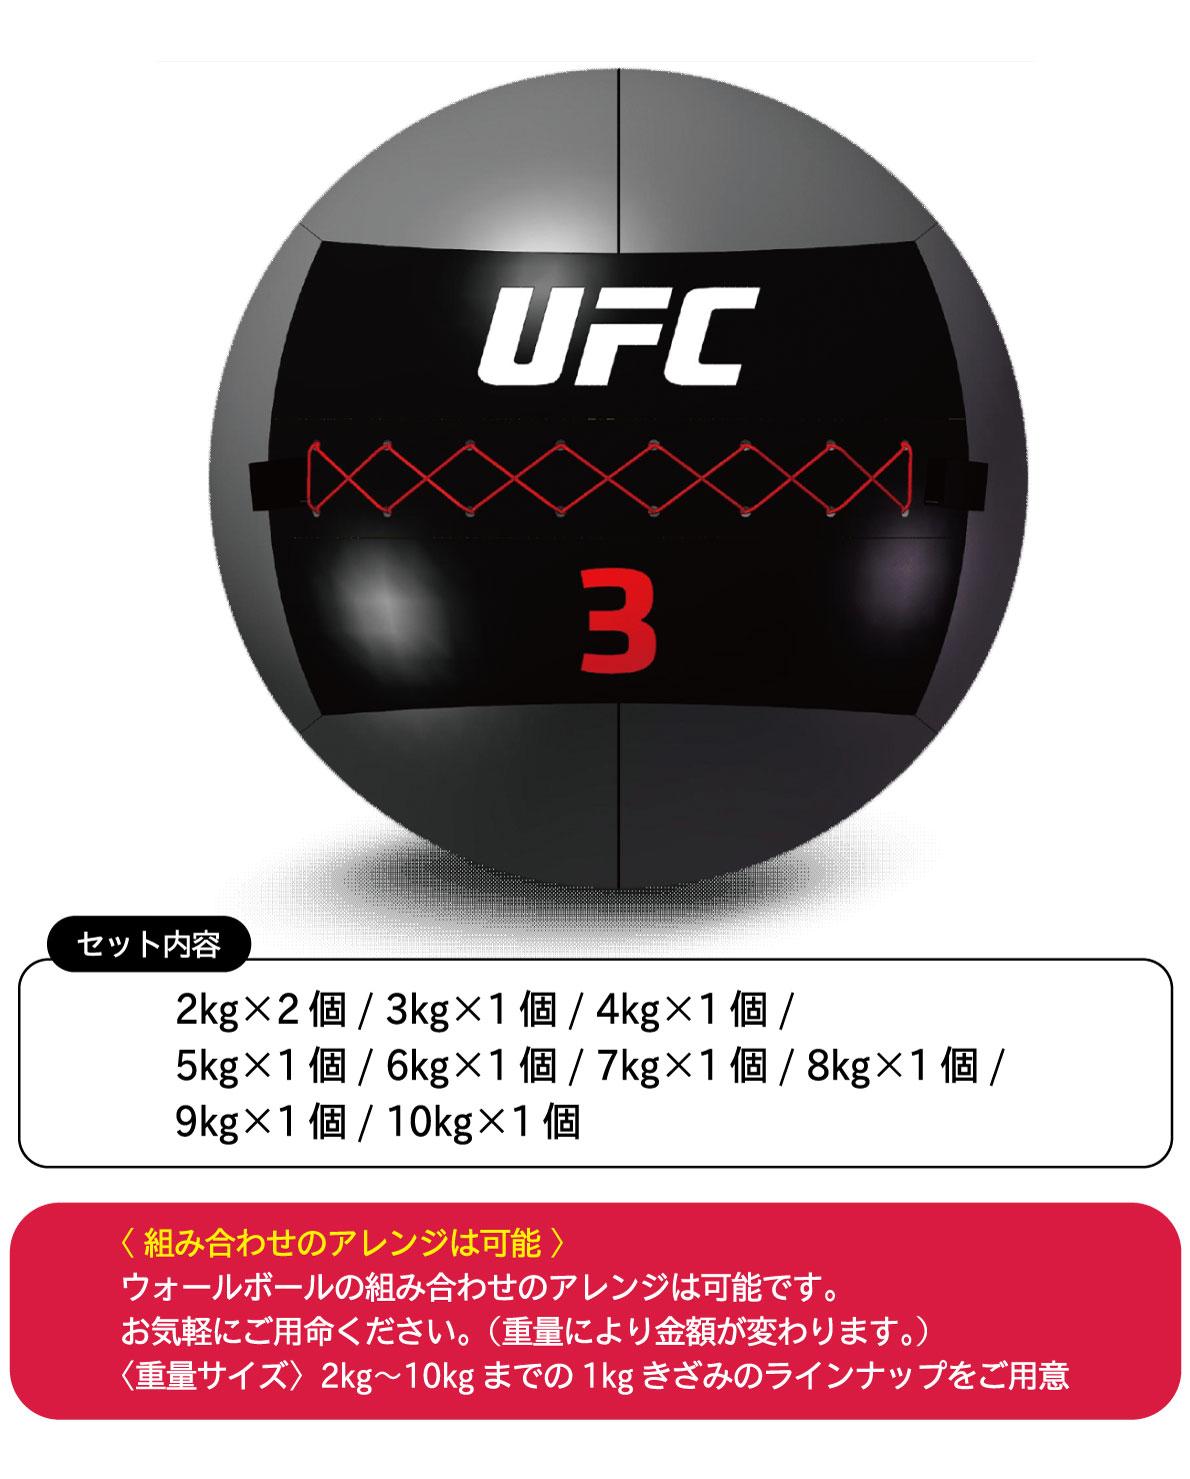 ウォールボール/スラムボール10個セット(2kg-10kg)〈業務用〉《総合格闘技UFCオフィシャル》